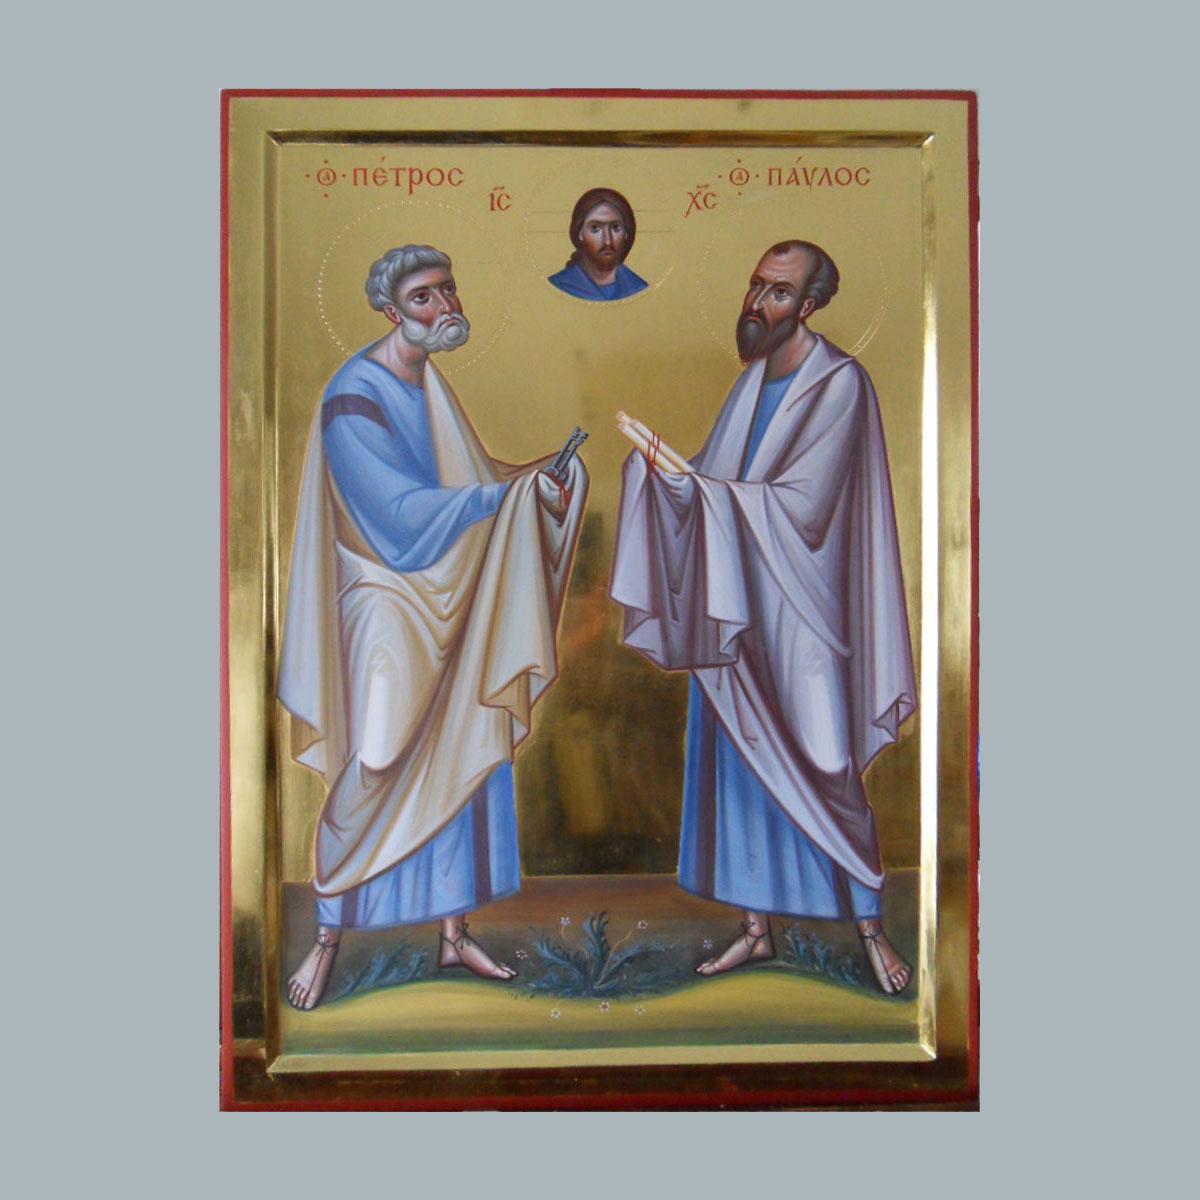 Поздравления с днем Петра и Павла 20